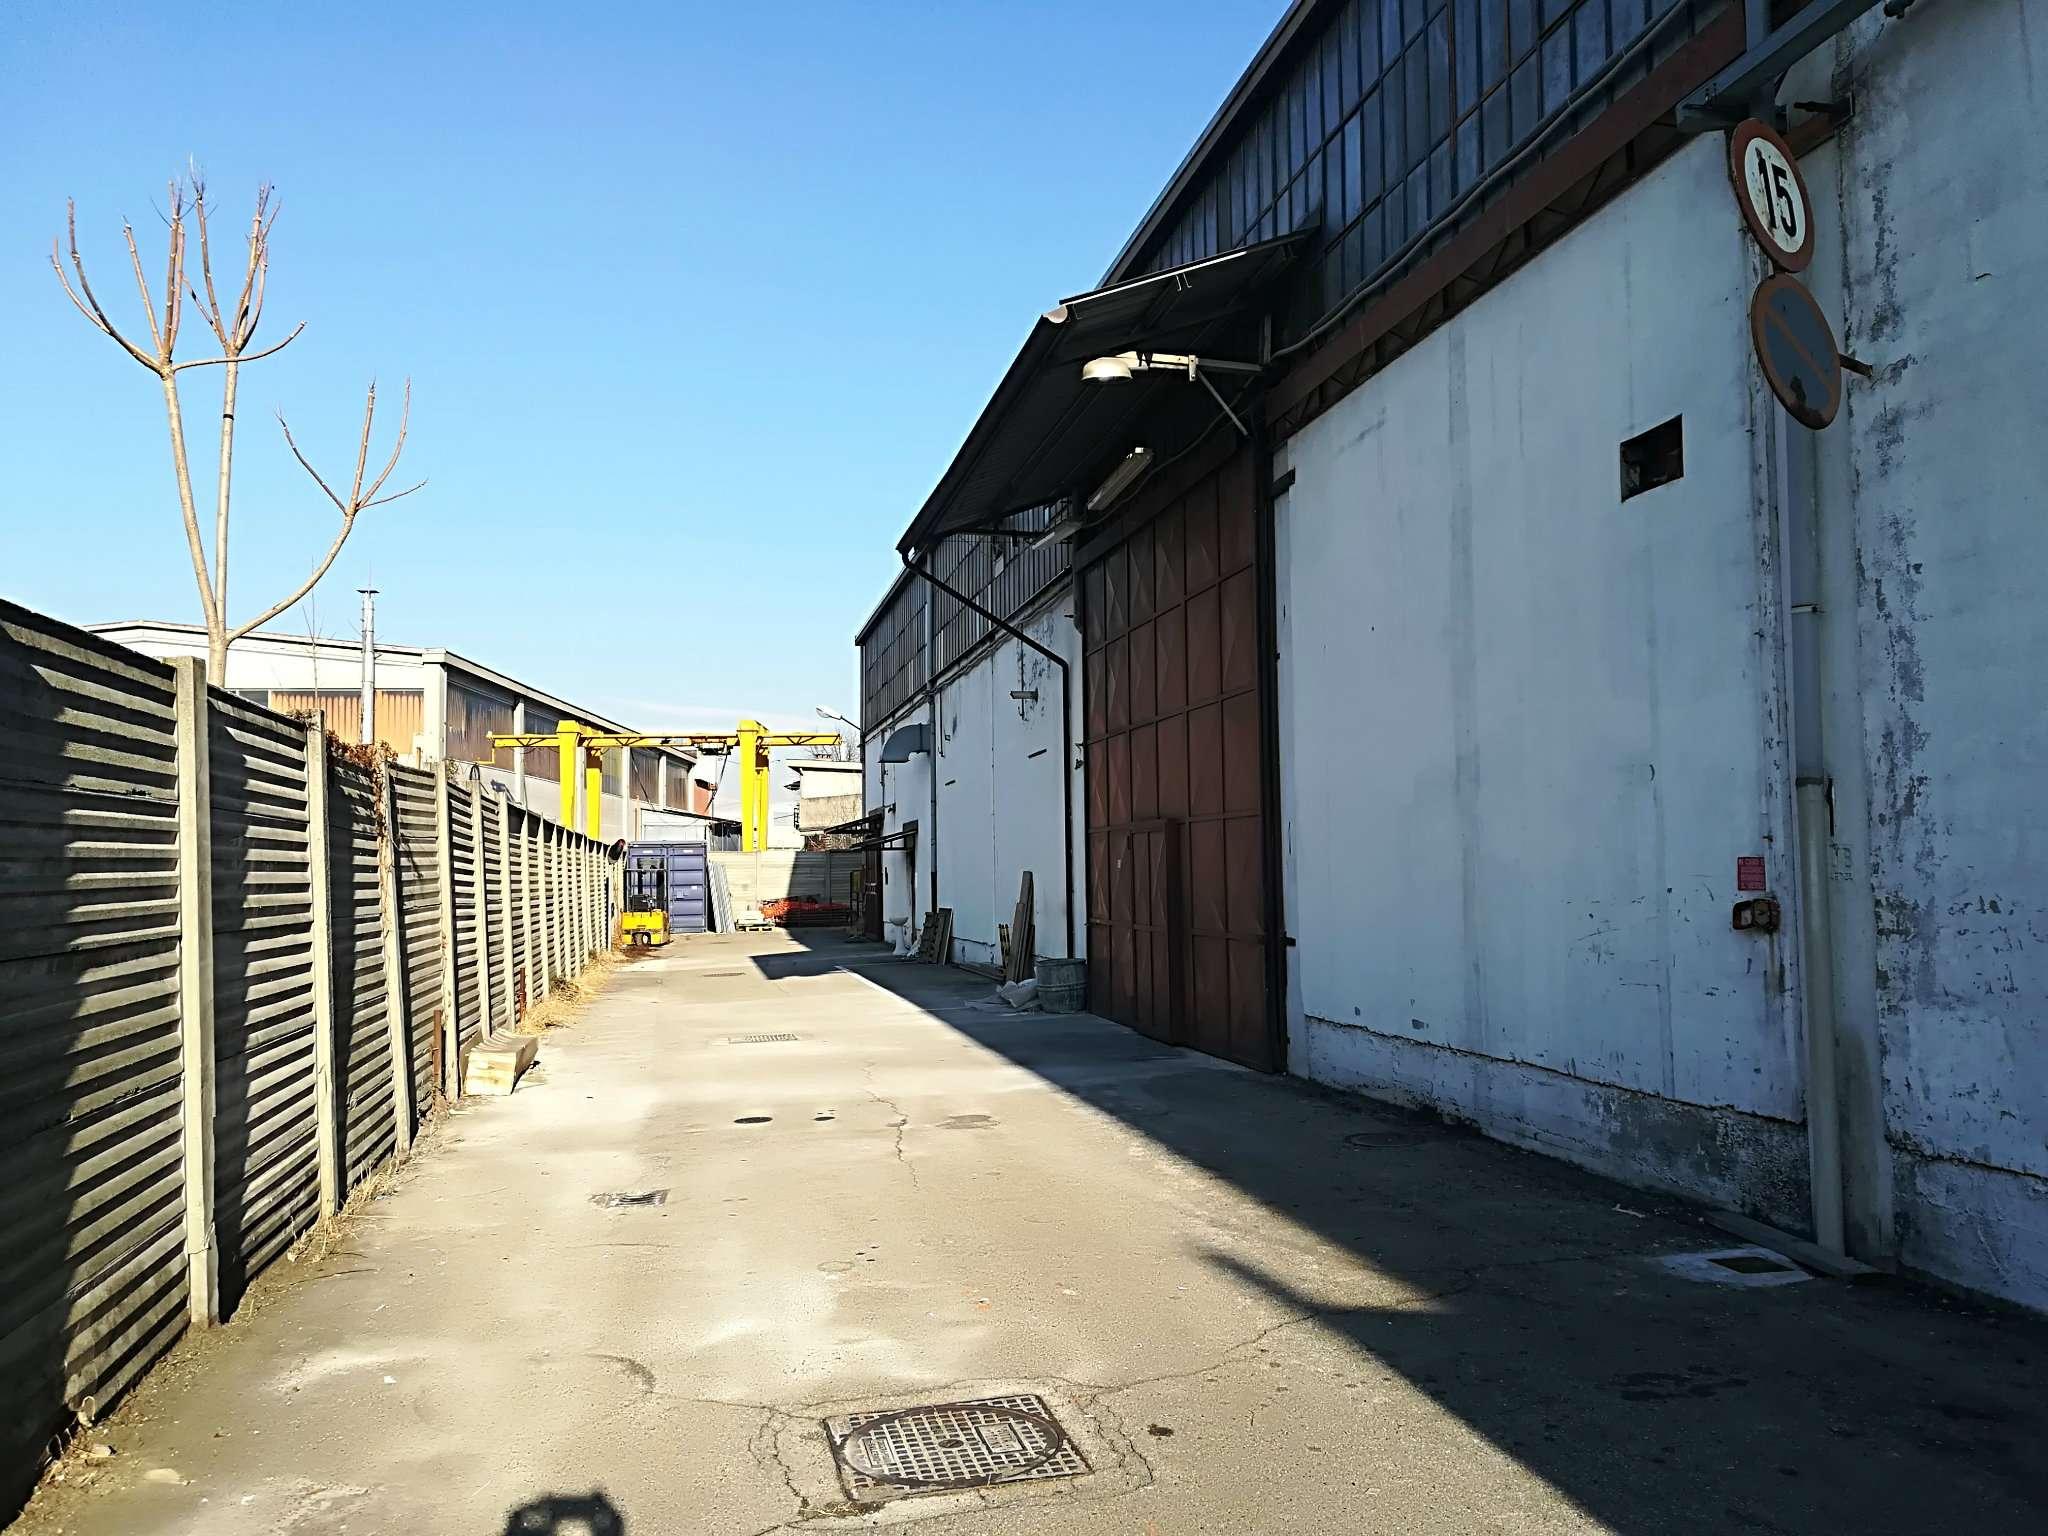 Immagine immobiliare CAPANNONE 1100 MQ VENARIA Disponiamo in Venaria Reale, comodo alla tangenziale, capannone industriale di 1100 mq circa completamente ristrutturato aperto su due aree, con area produttiva di 1000 mq circa con altezza sottotrave di 7,5...